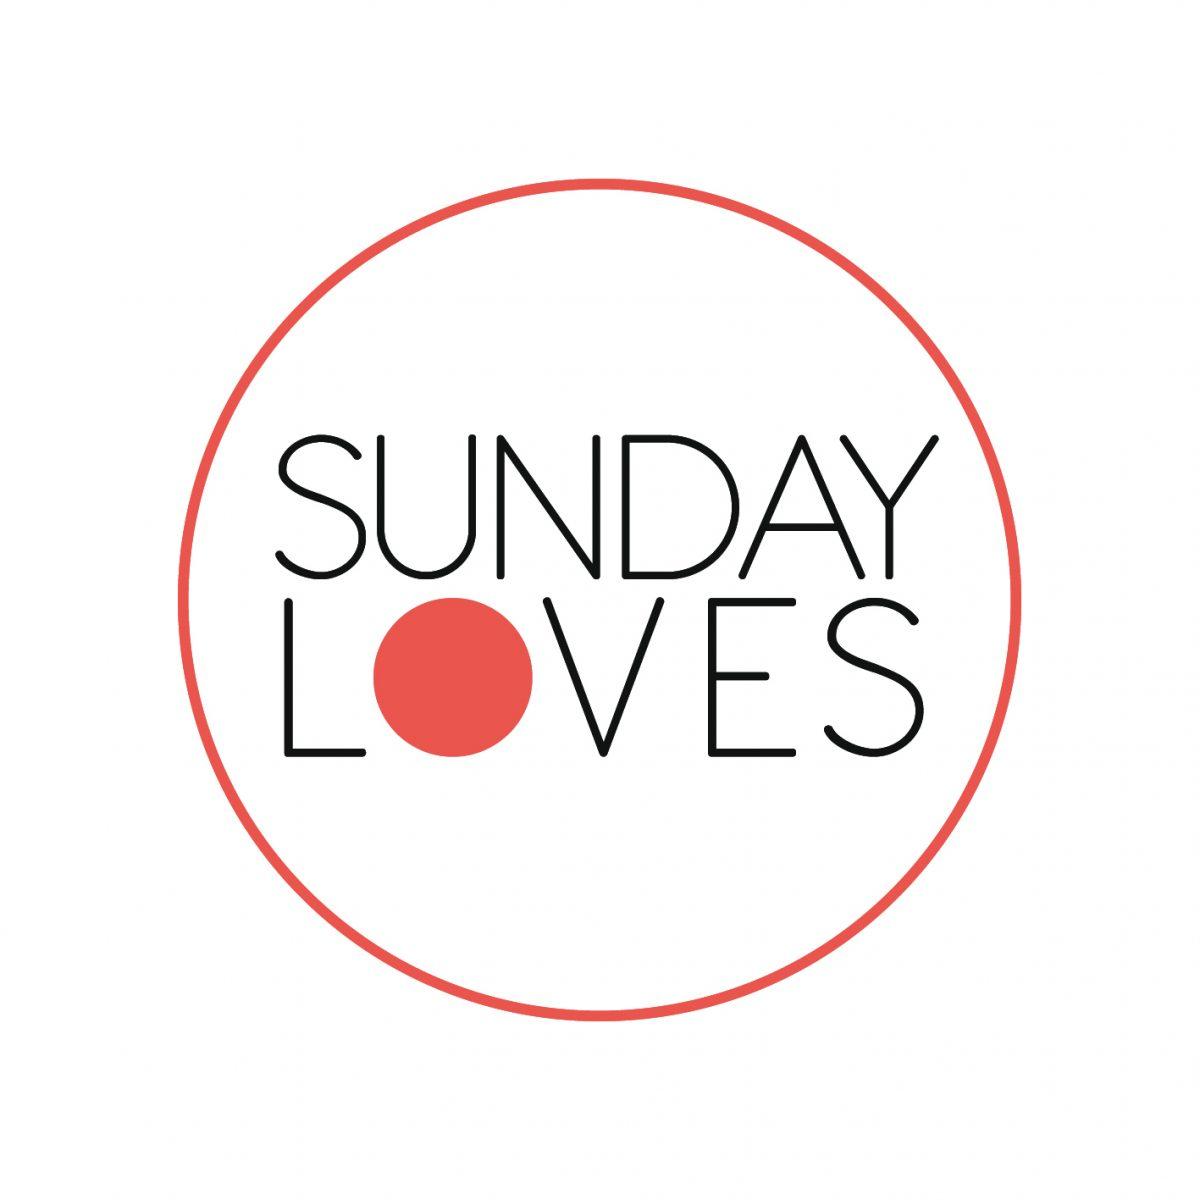 Los domingos vuelven a ser especiales…